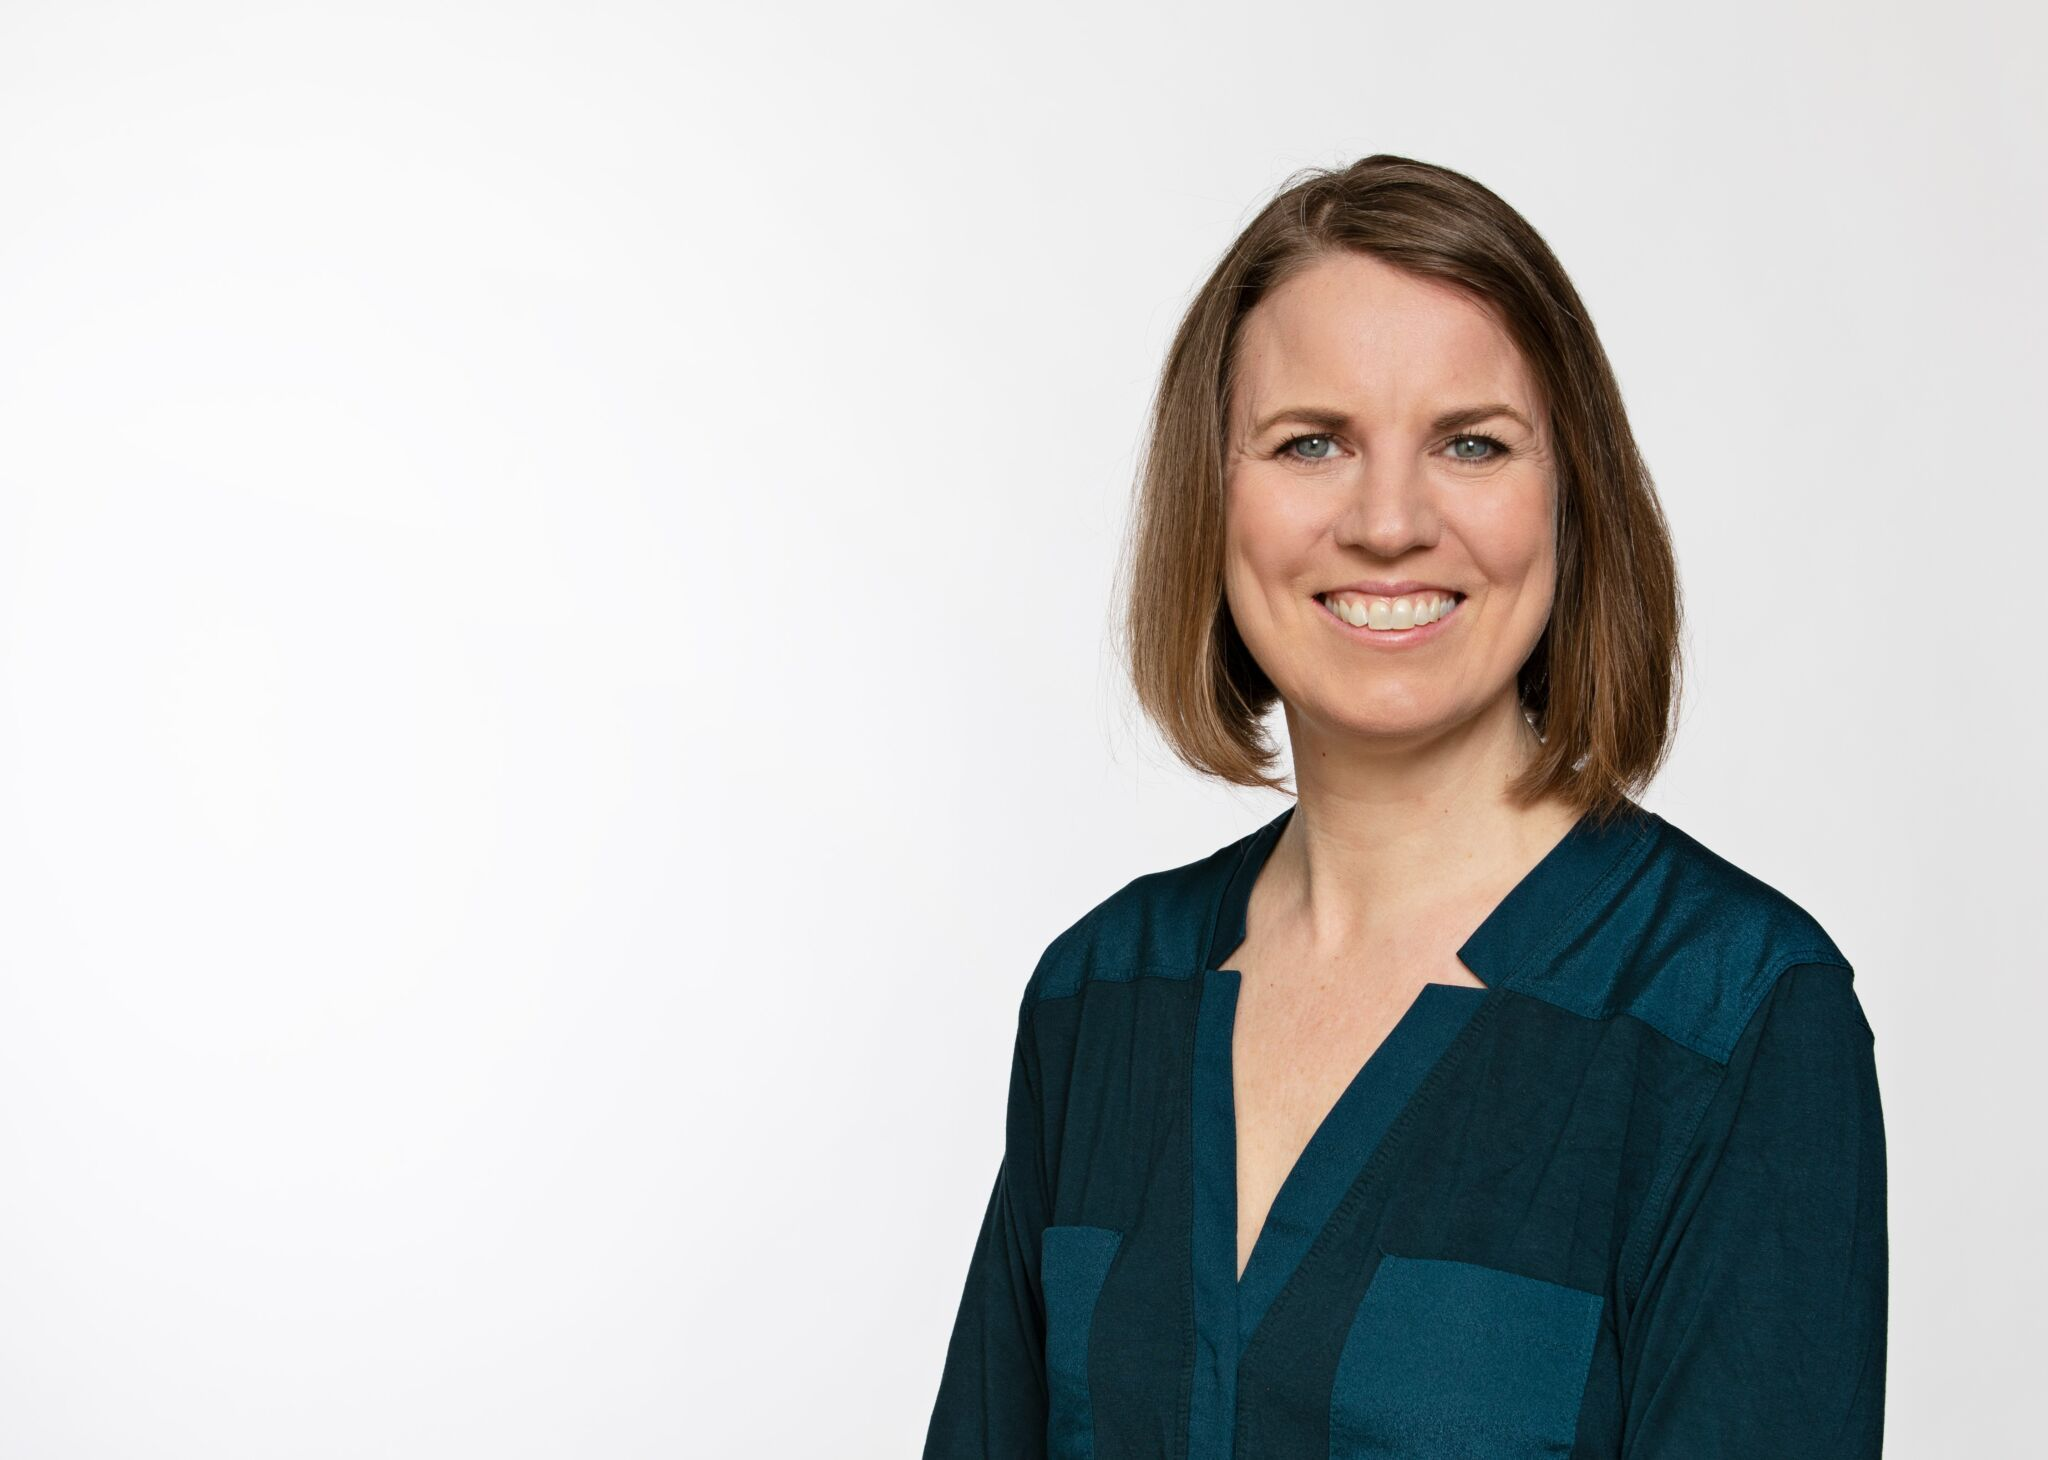 Christina Wanscher